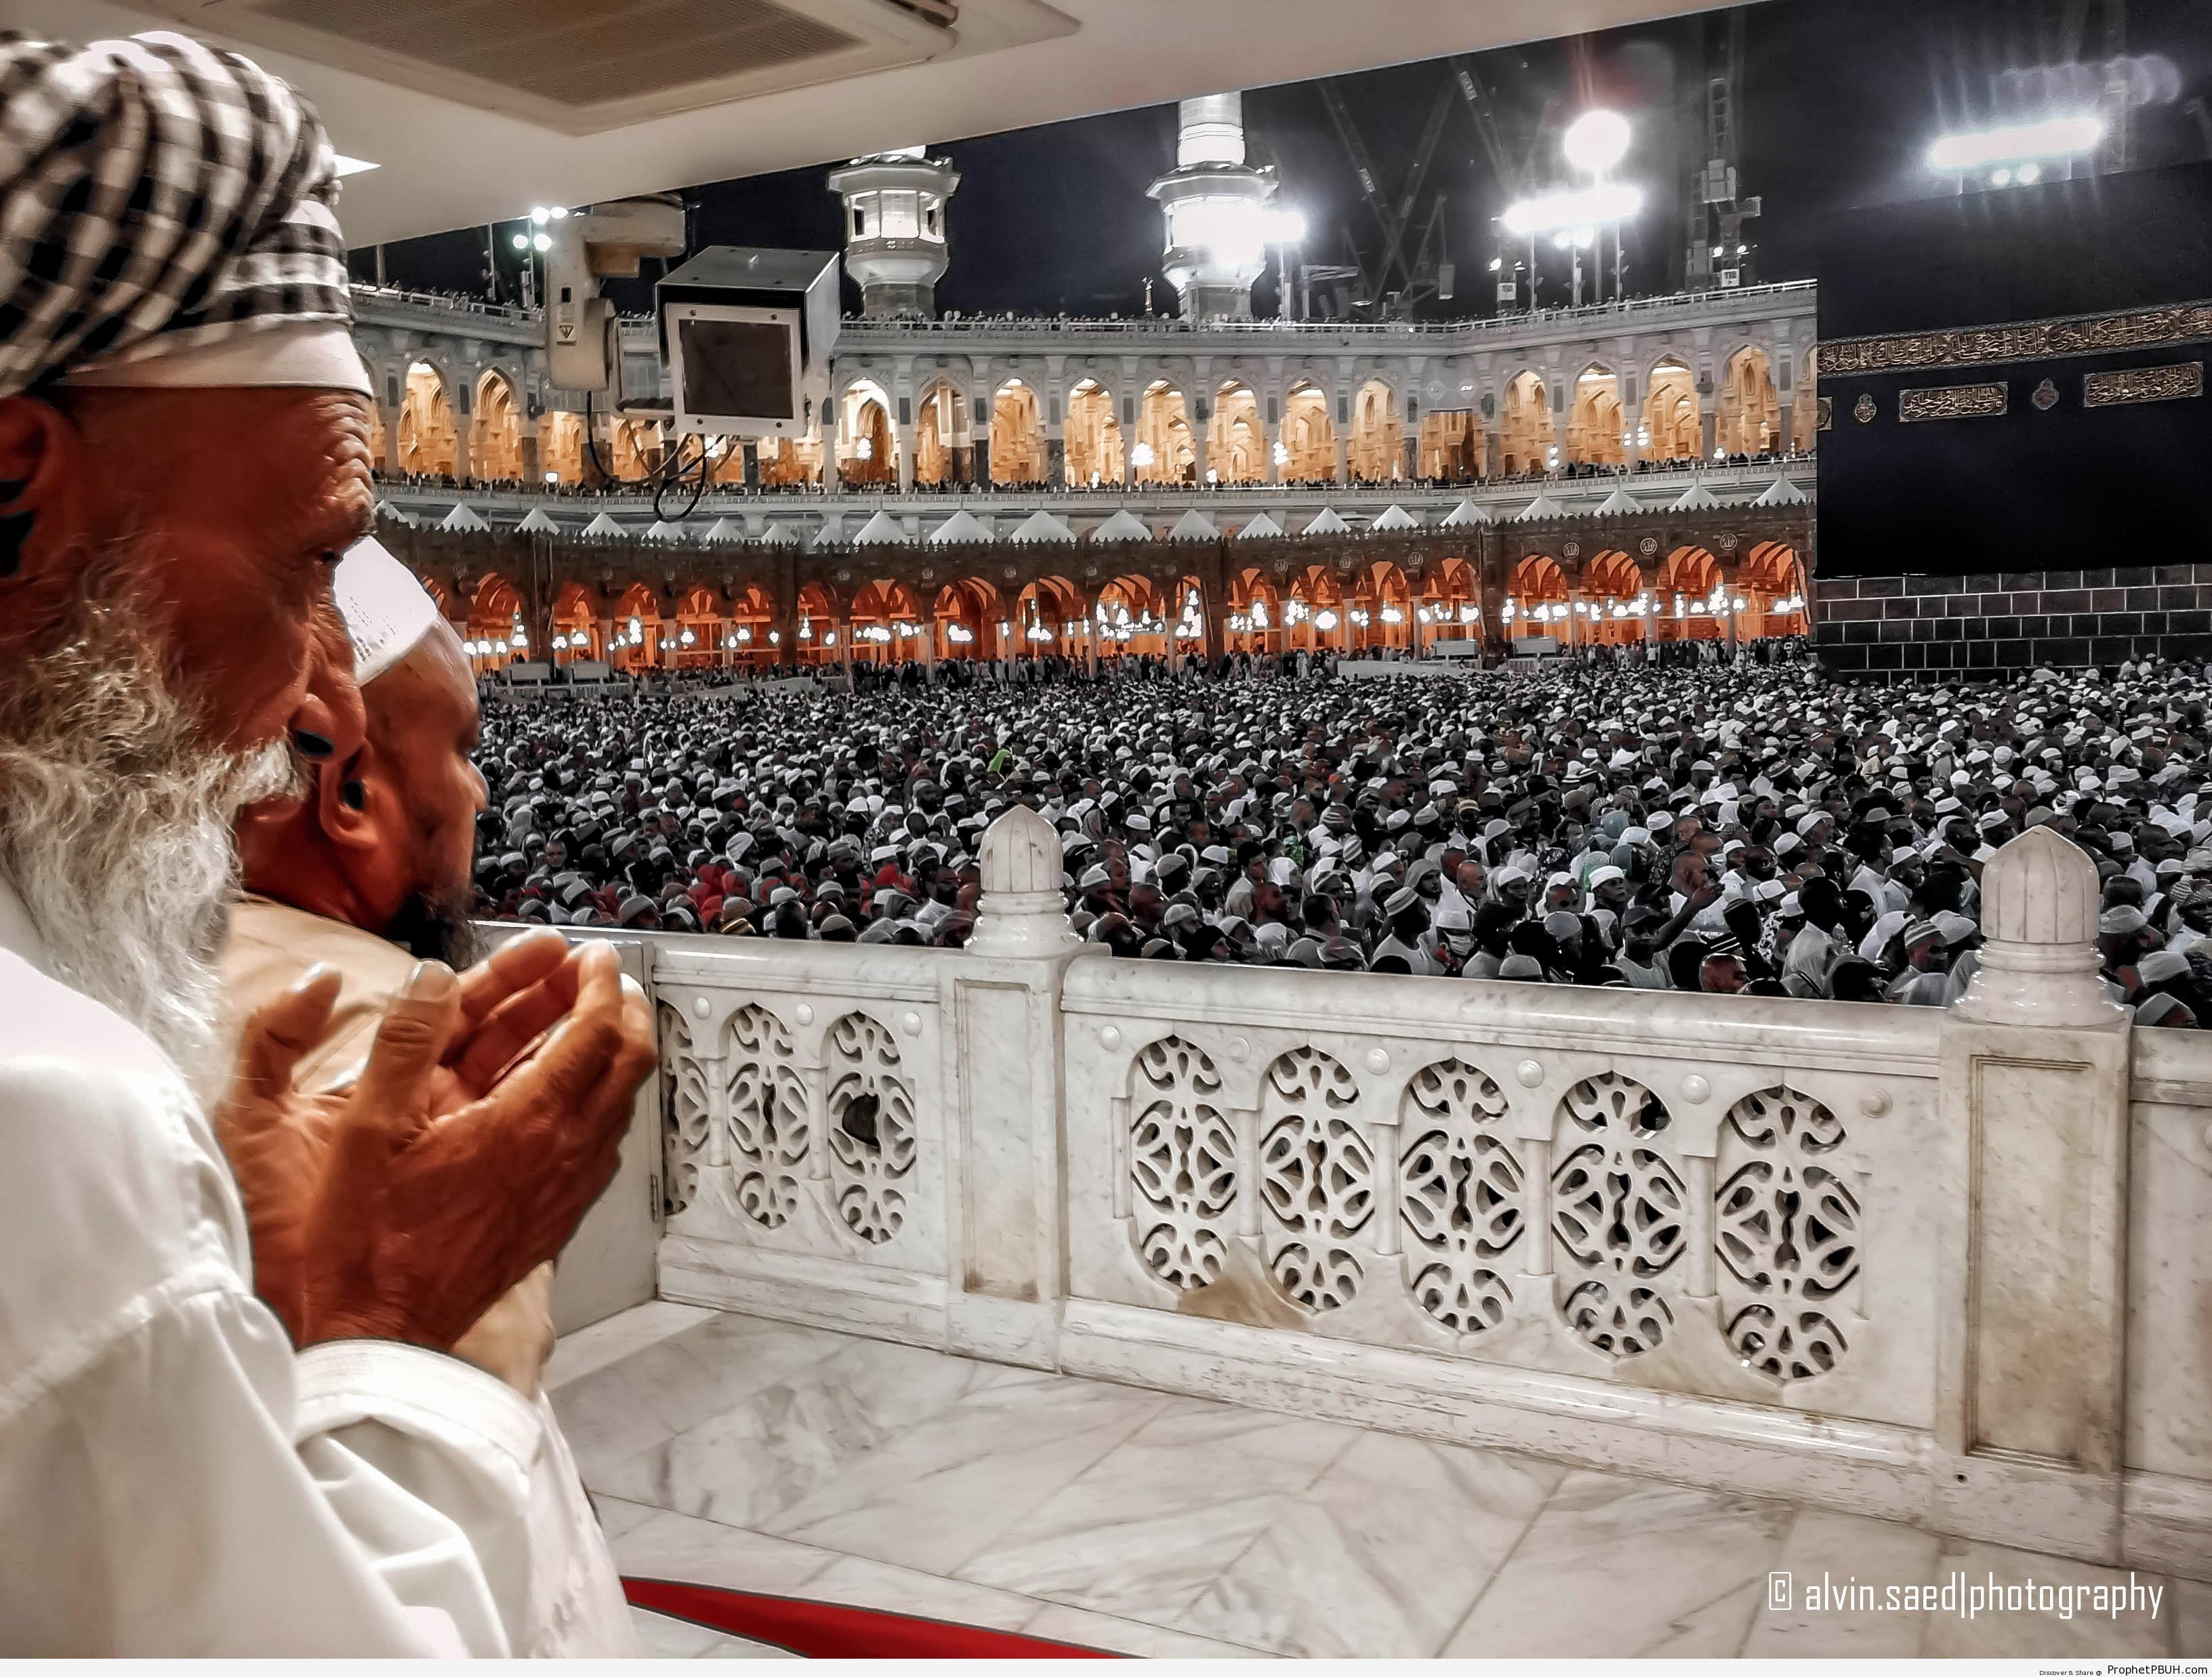 Man Making Dua at Masjid al-Haram [Nighttime Photo] - al-Masjid al-Haram in Makkah, Saudi Arabia -Pictures